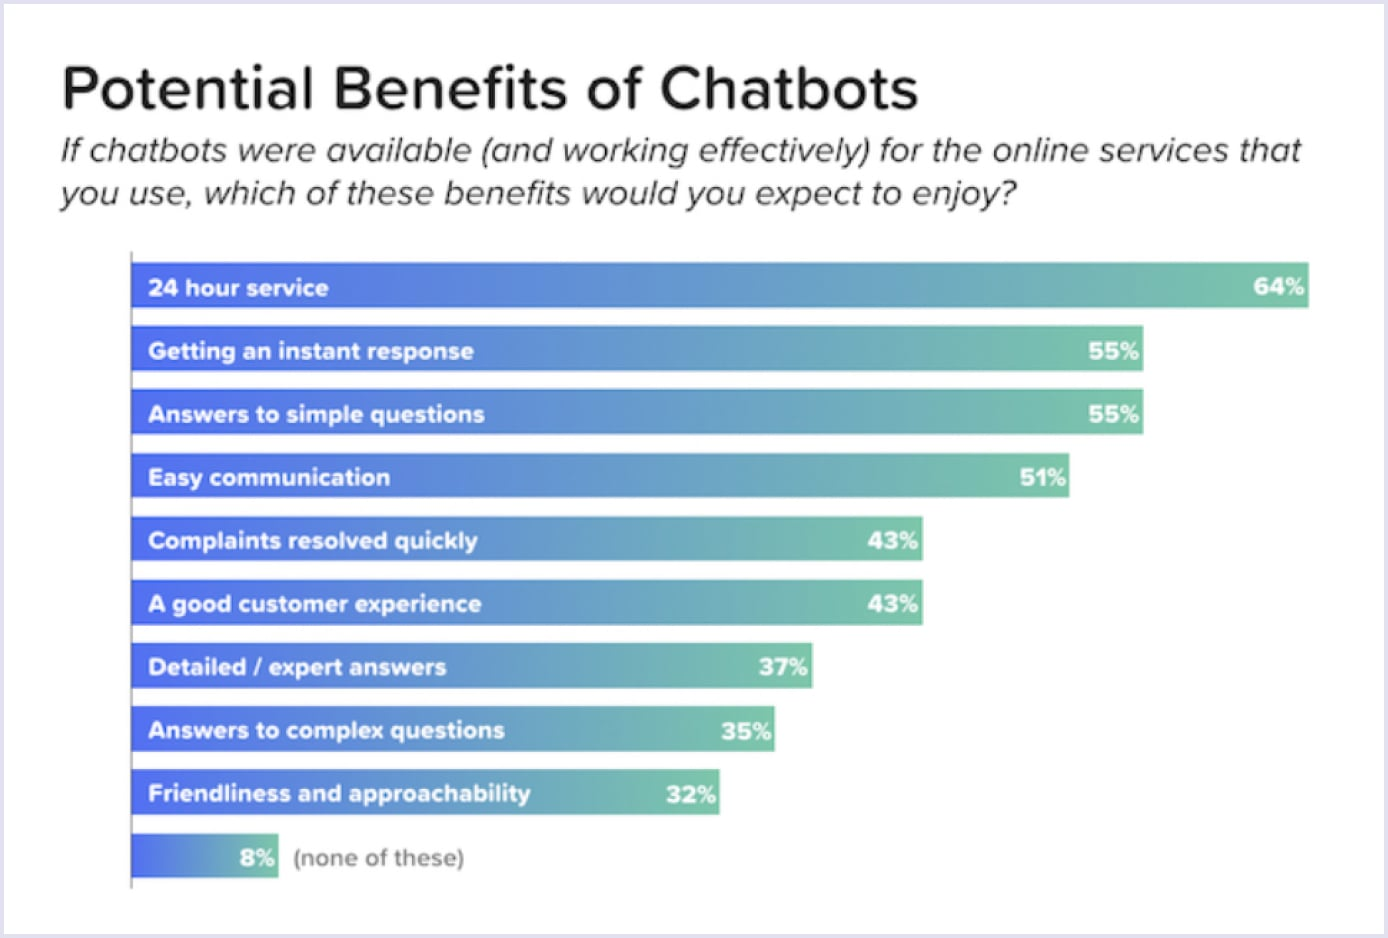 Сhatbots como tendência do mercado e seus benefícios potenciais